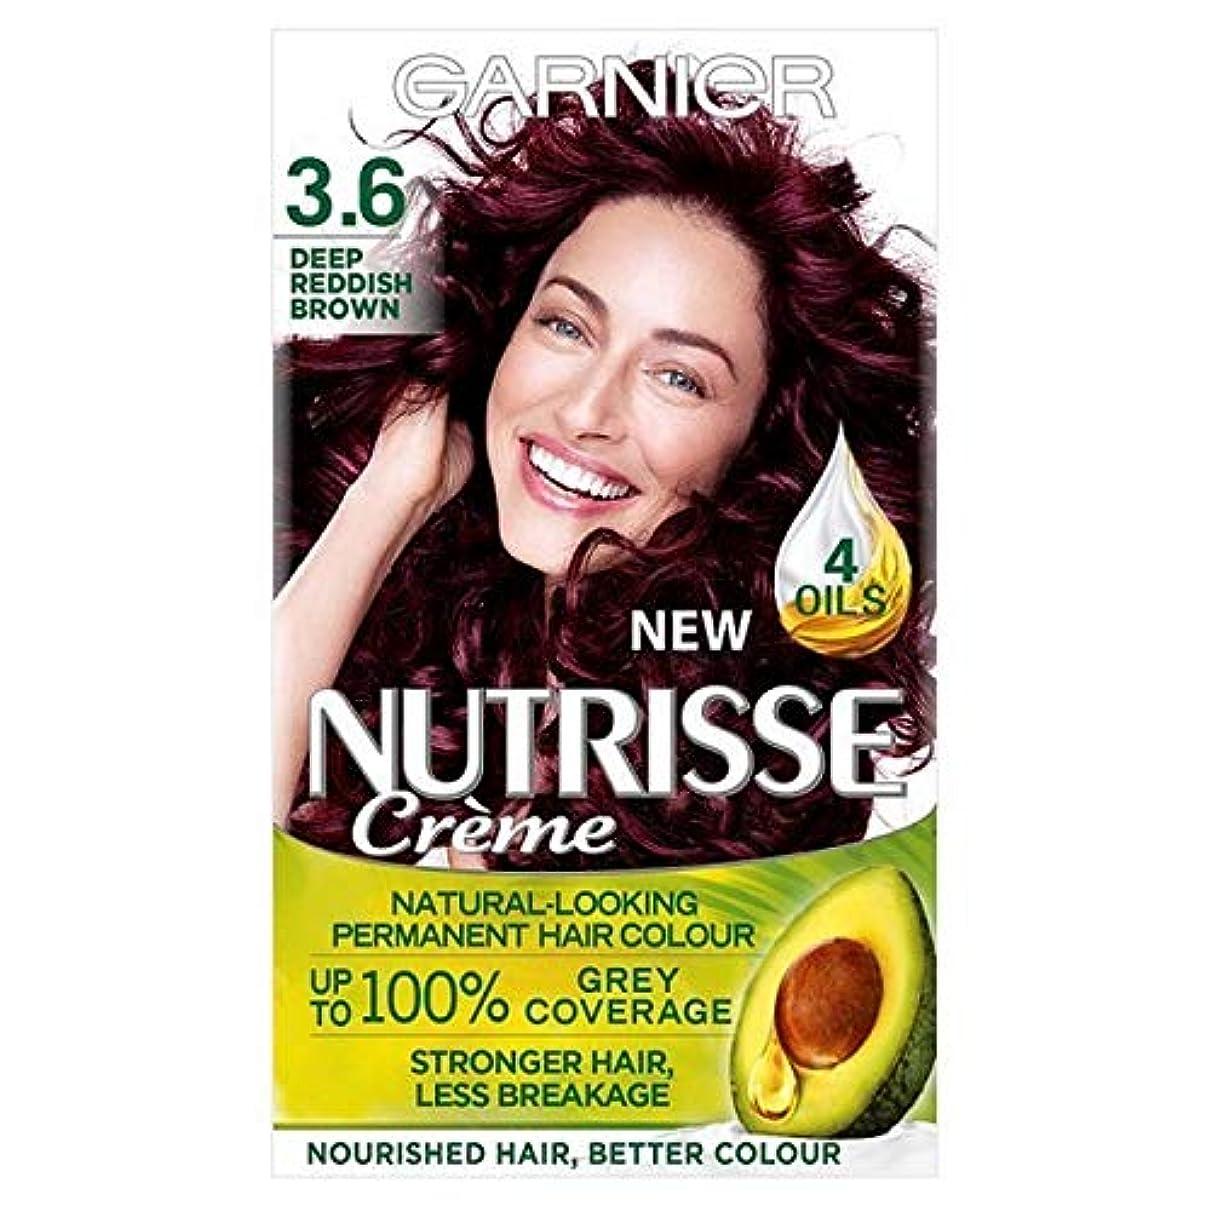 コースメロディー影響を受けやすいです[Garnier ] ガルニエNutrisse永久染毛剤深い赤褐色3.6 - Garnier Nutrisse Permanent Hair Dye Deep Reddish Brown 3.6 [並行輸入品]